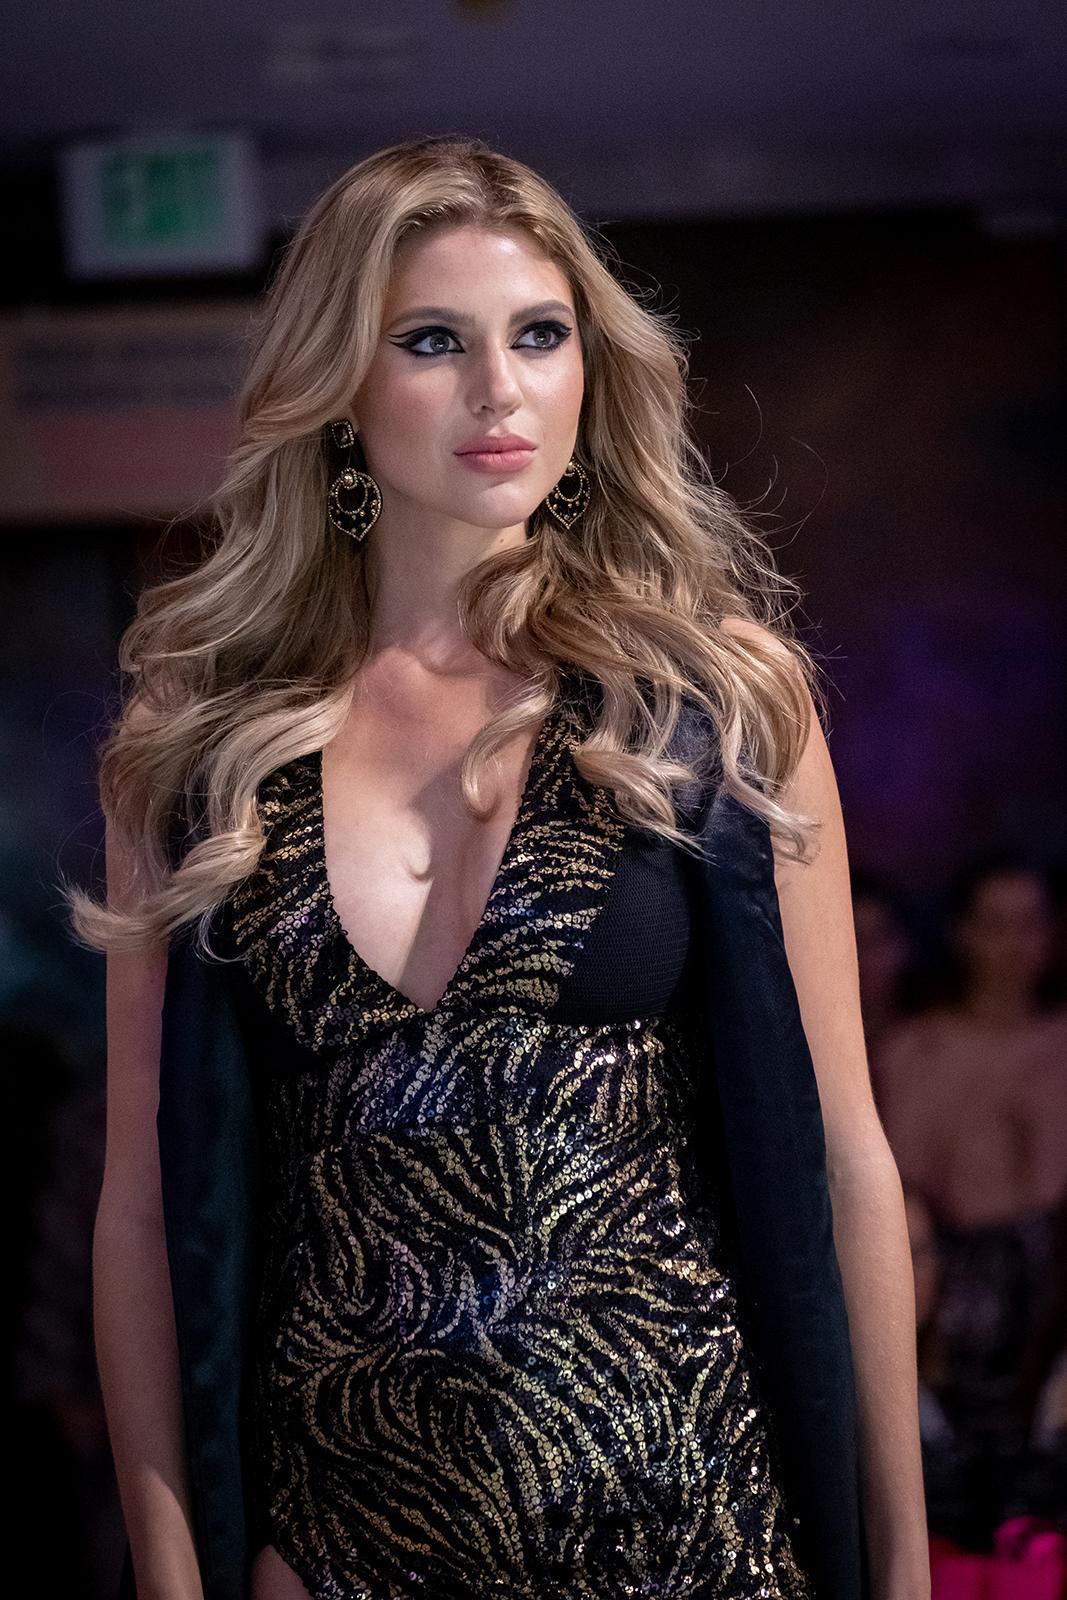 La beldad boricua lució sensual en este modelo del diseñador Kelvin Giovannie. (Ricky Reyes)